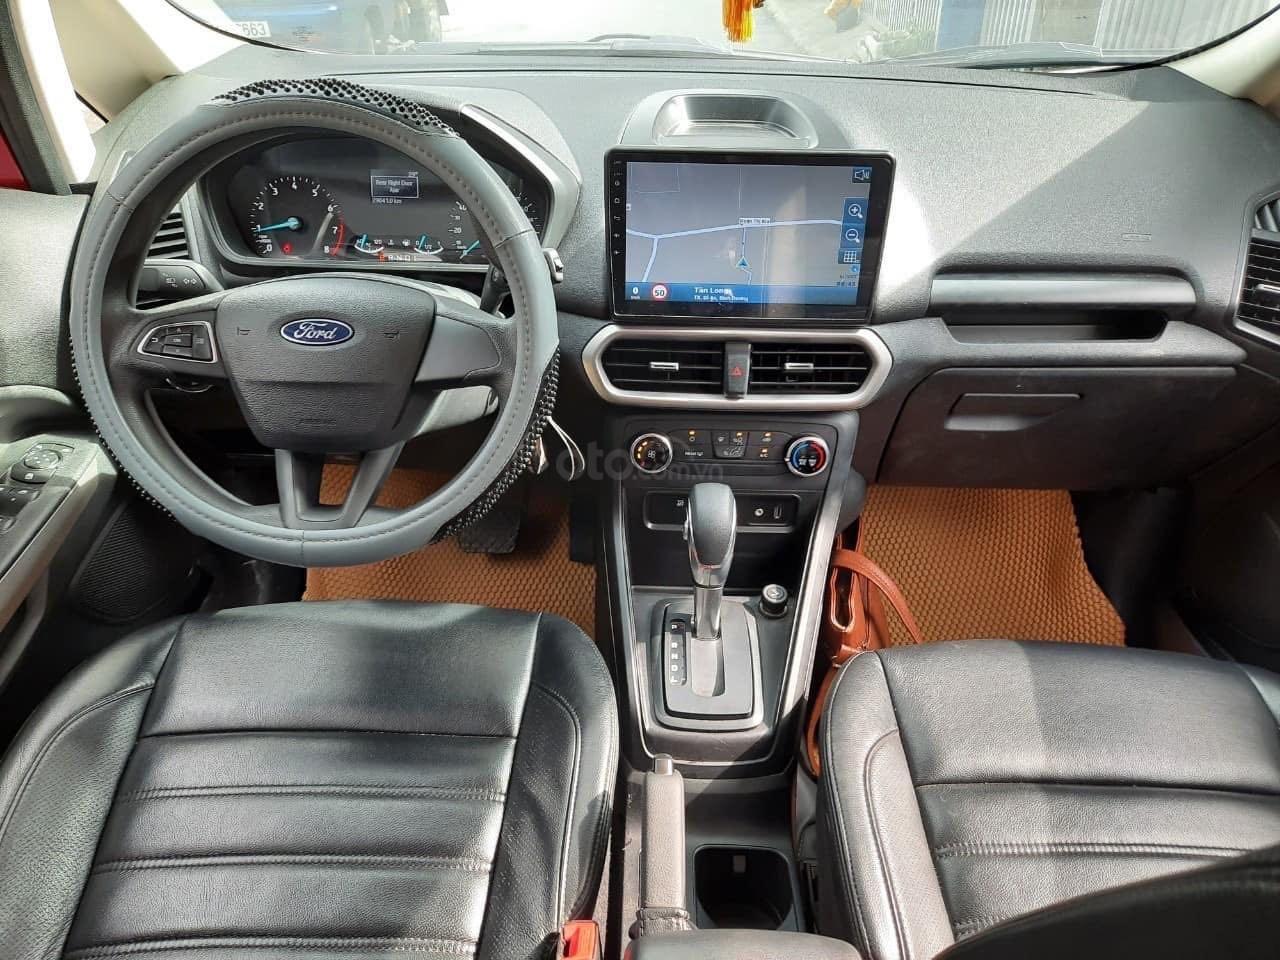 Cần bán Ford EcoSport đăng ký 2018, màu đỏ ít sử dụng, giá tốt 520 triệu đồng (6)